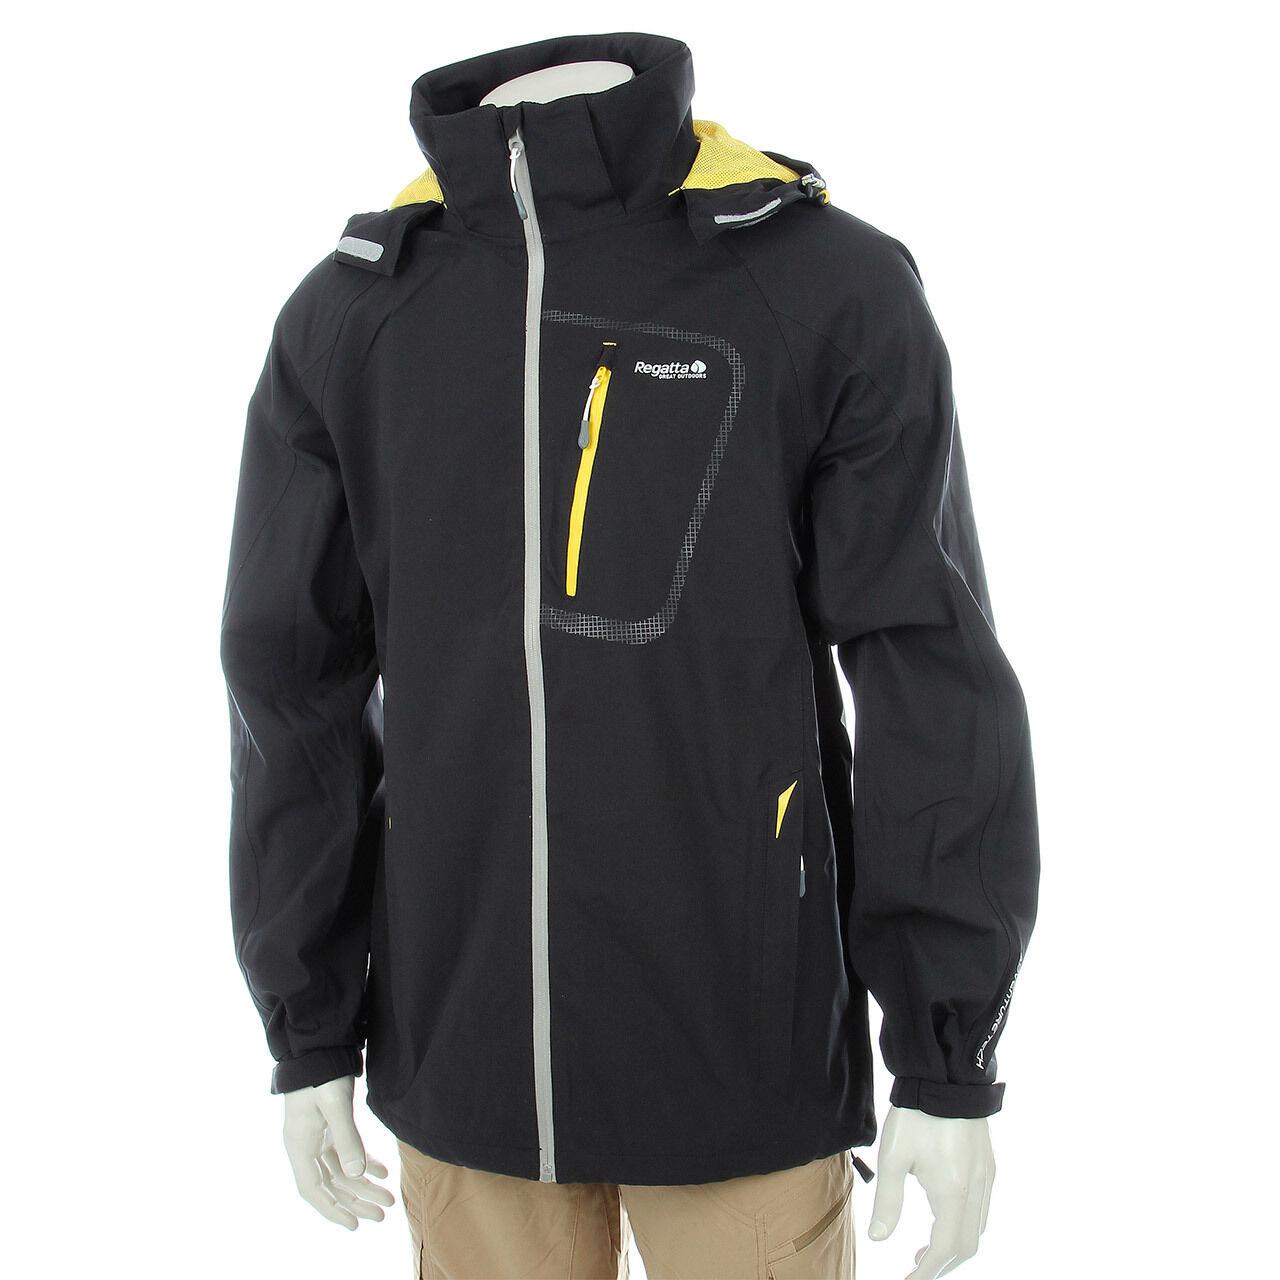 Regatta Iota señores función chaqueta lluvia PVP 139,95    remanentes de leer     tienda de venta en línea